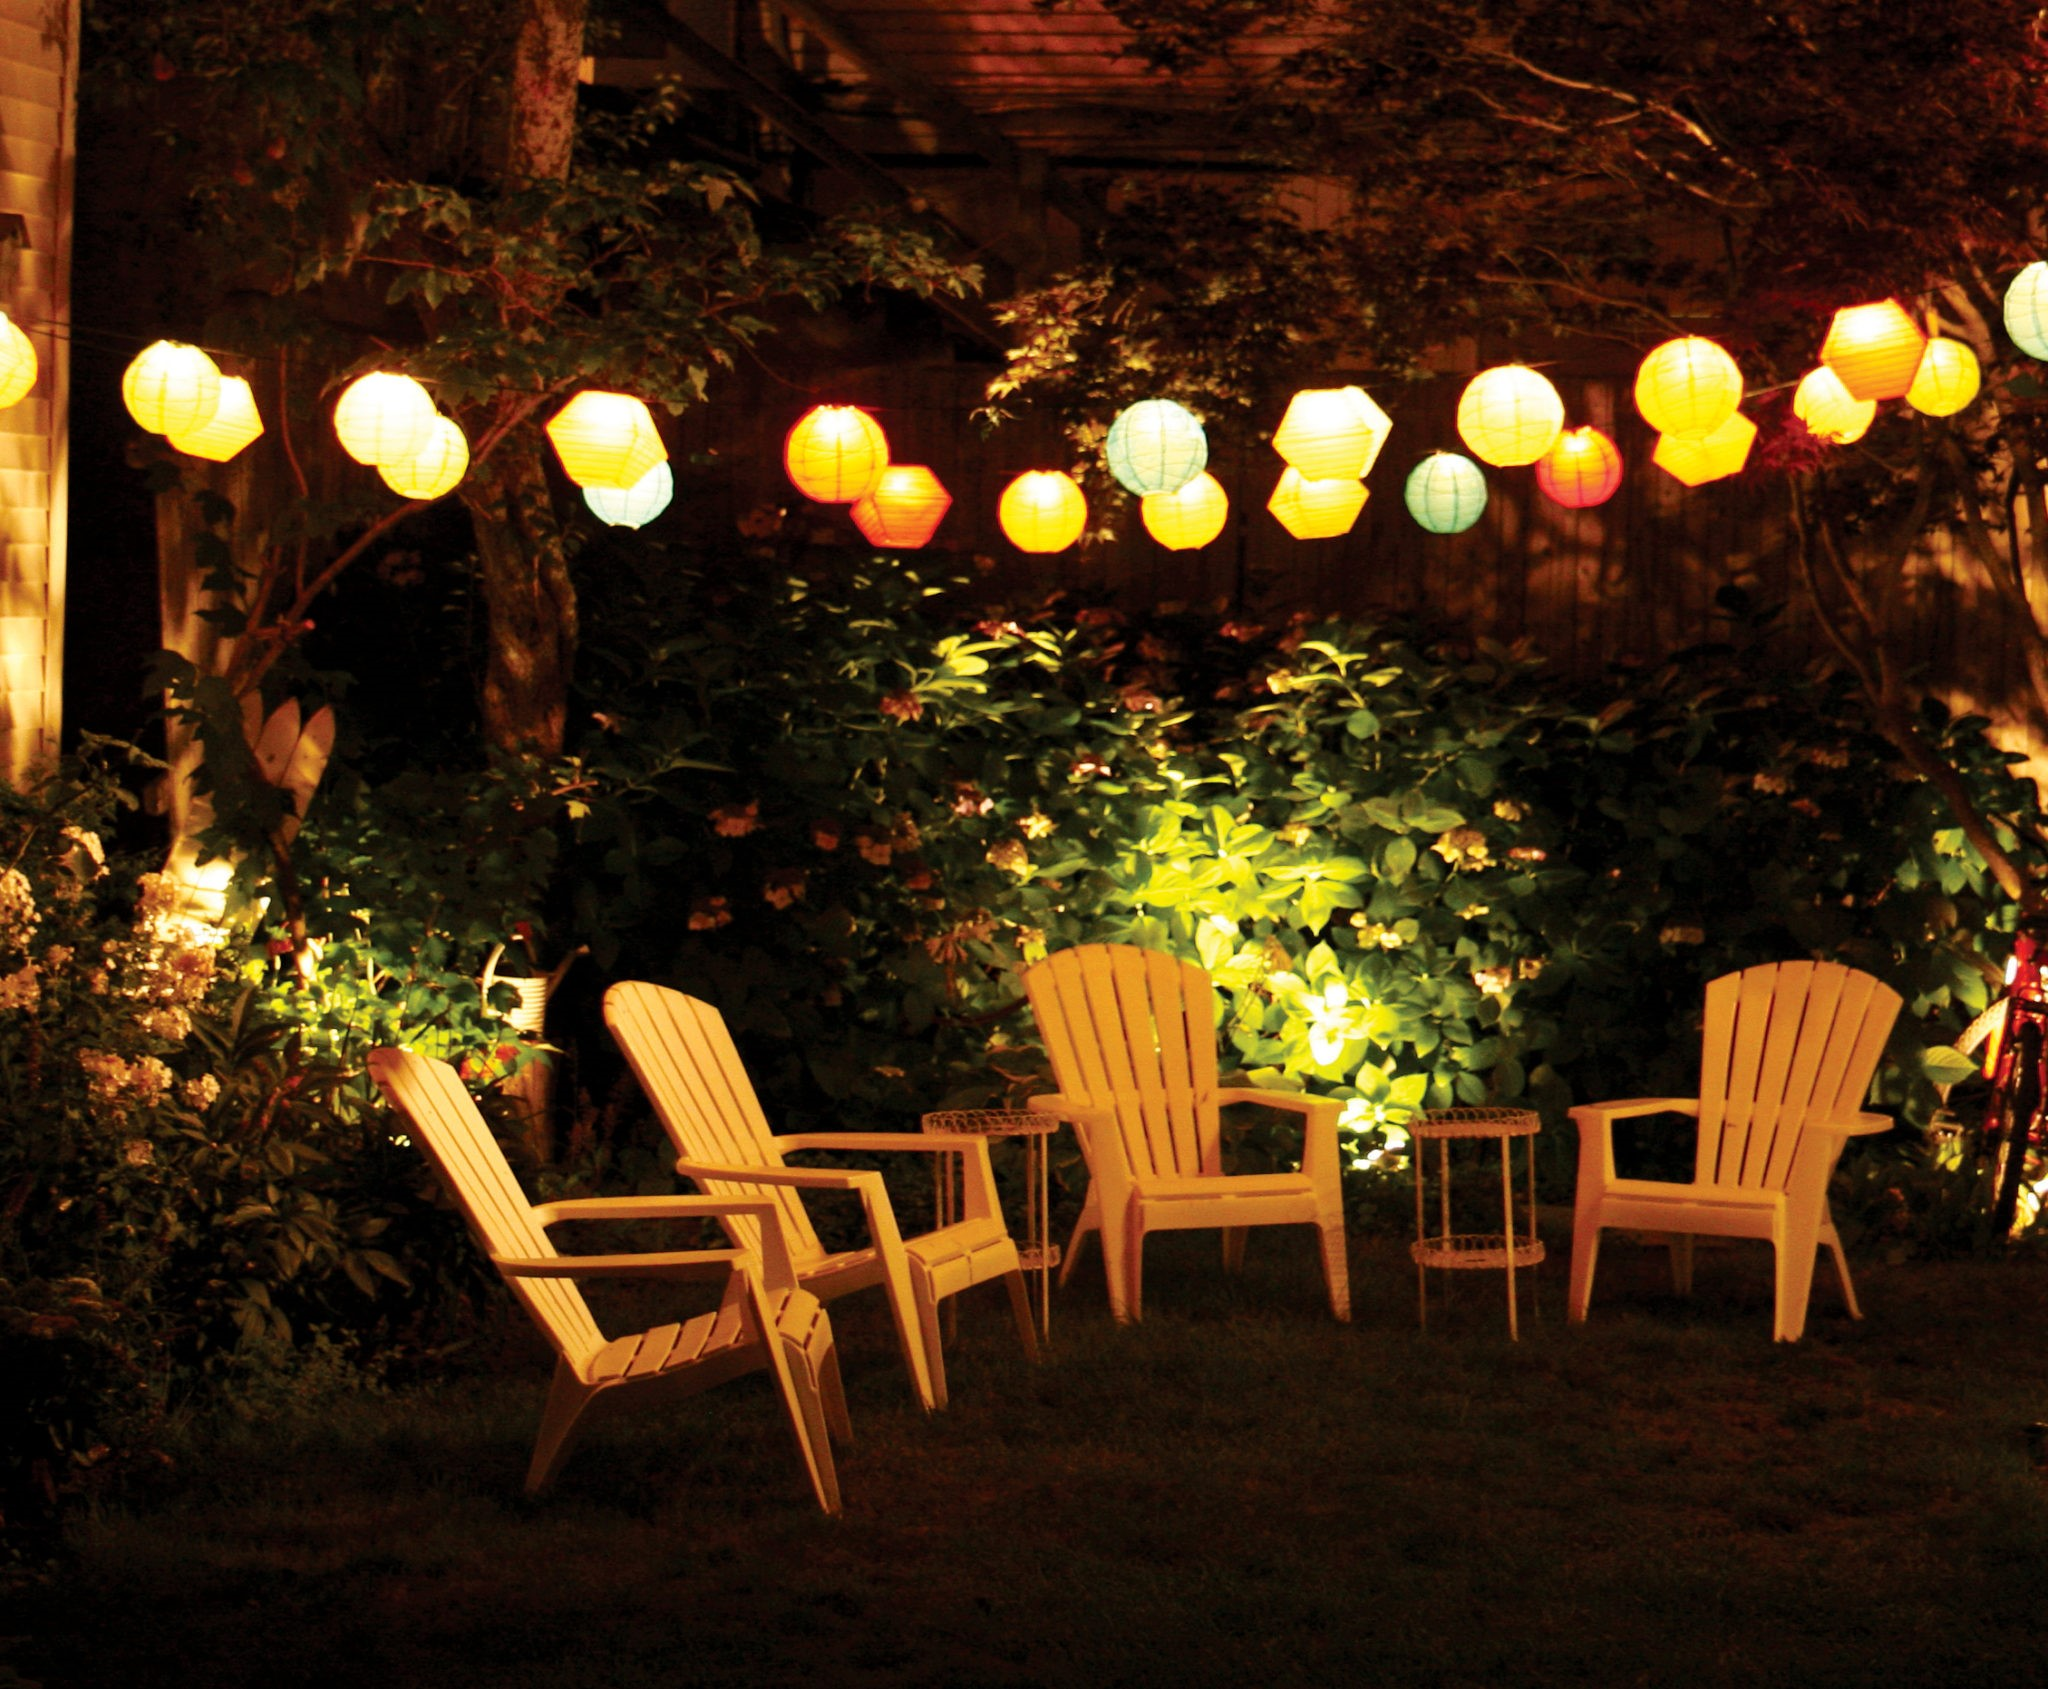 Cette décoration est la meilleure pour une fête d'été dans le jardin.